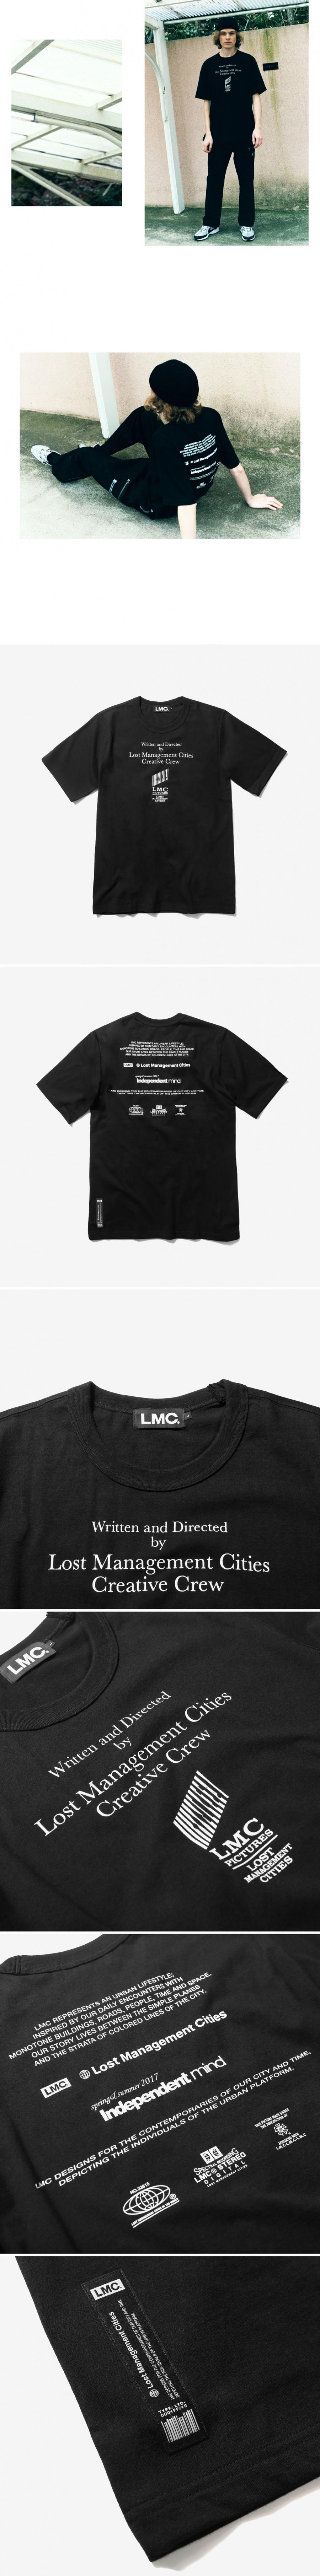 엘엠씨(LMC) CINEMA TEE black